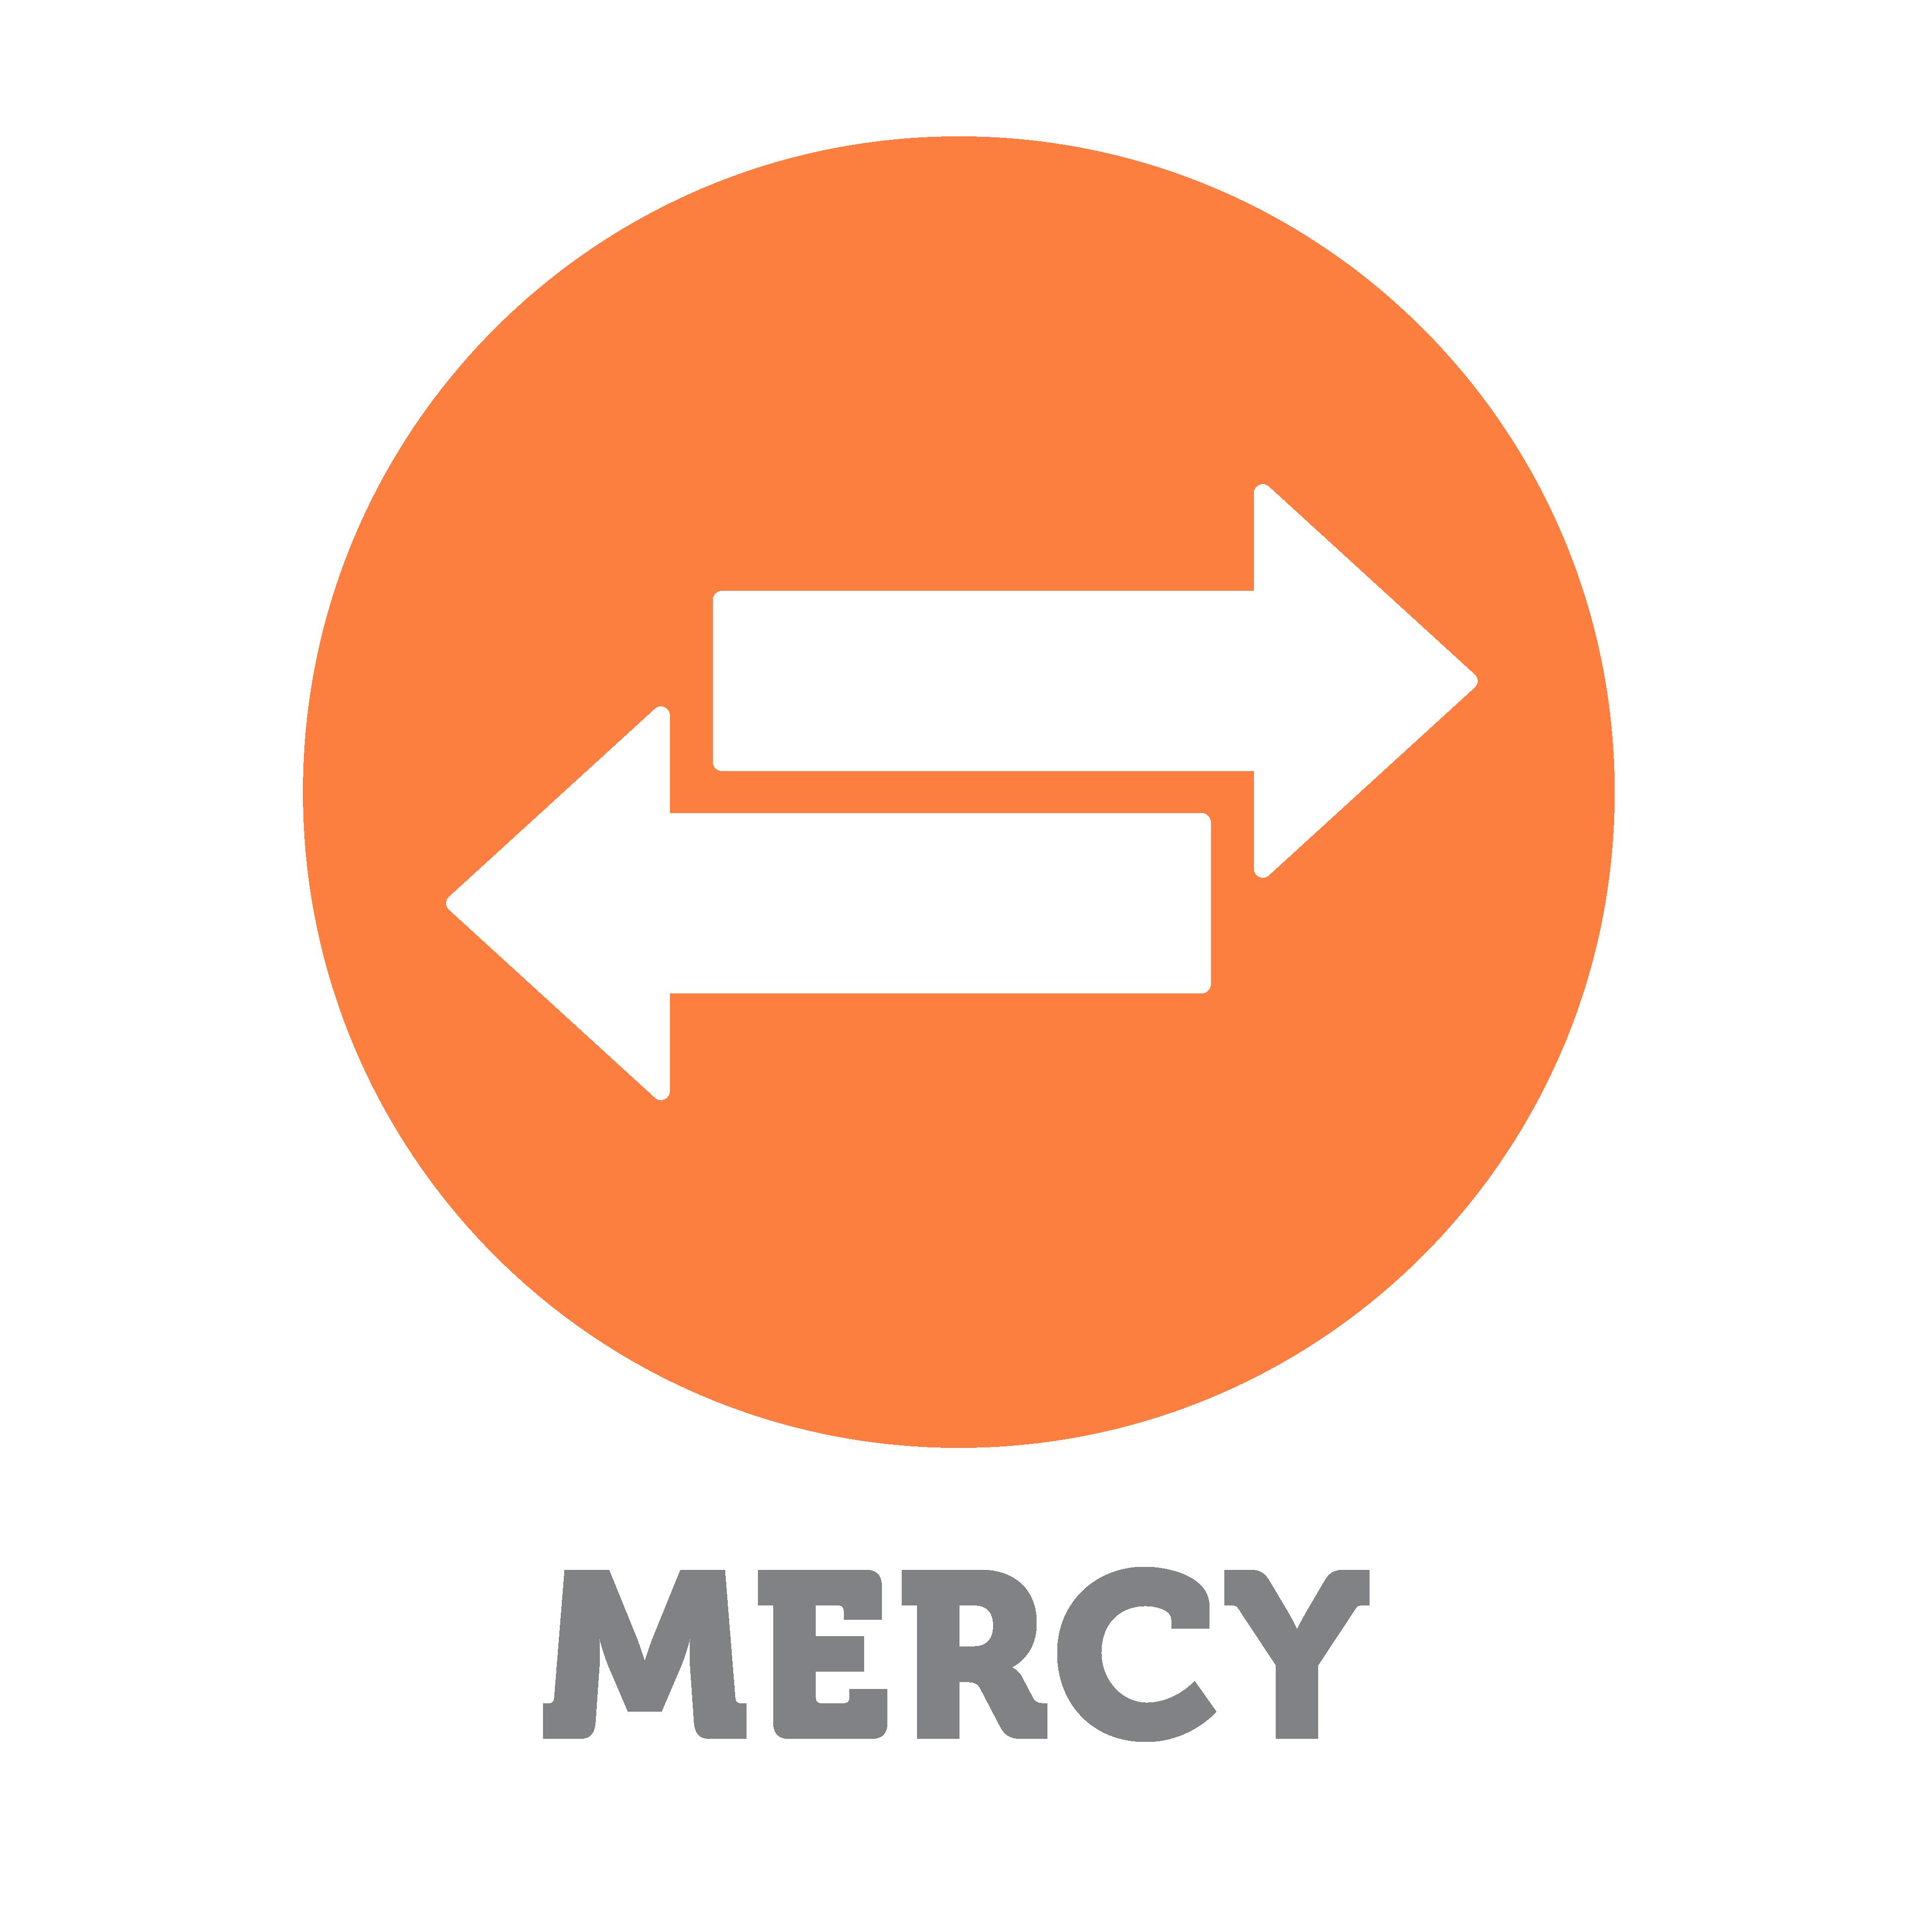 mercy-2019